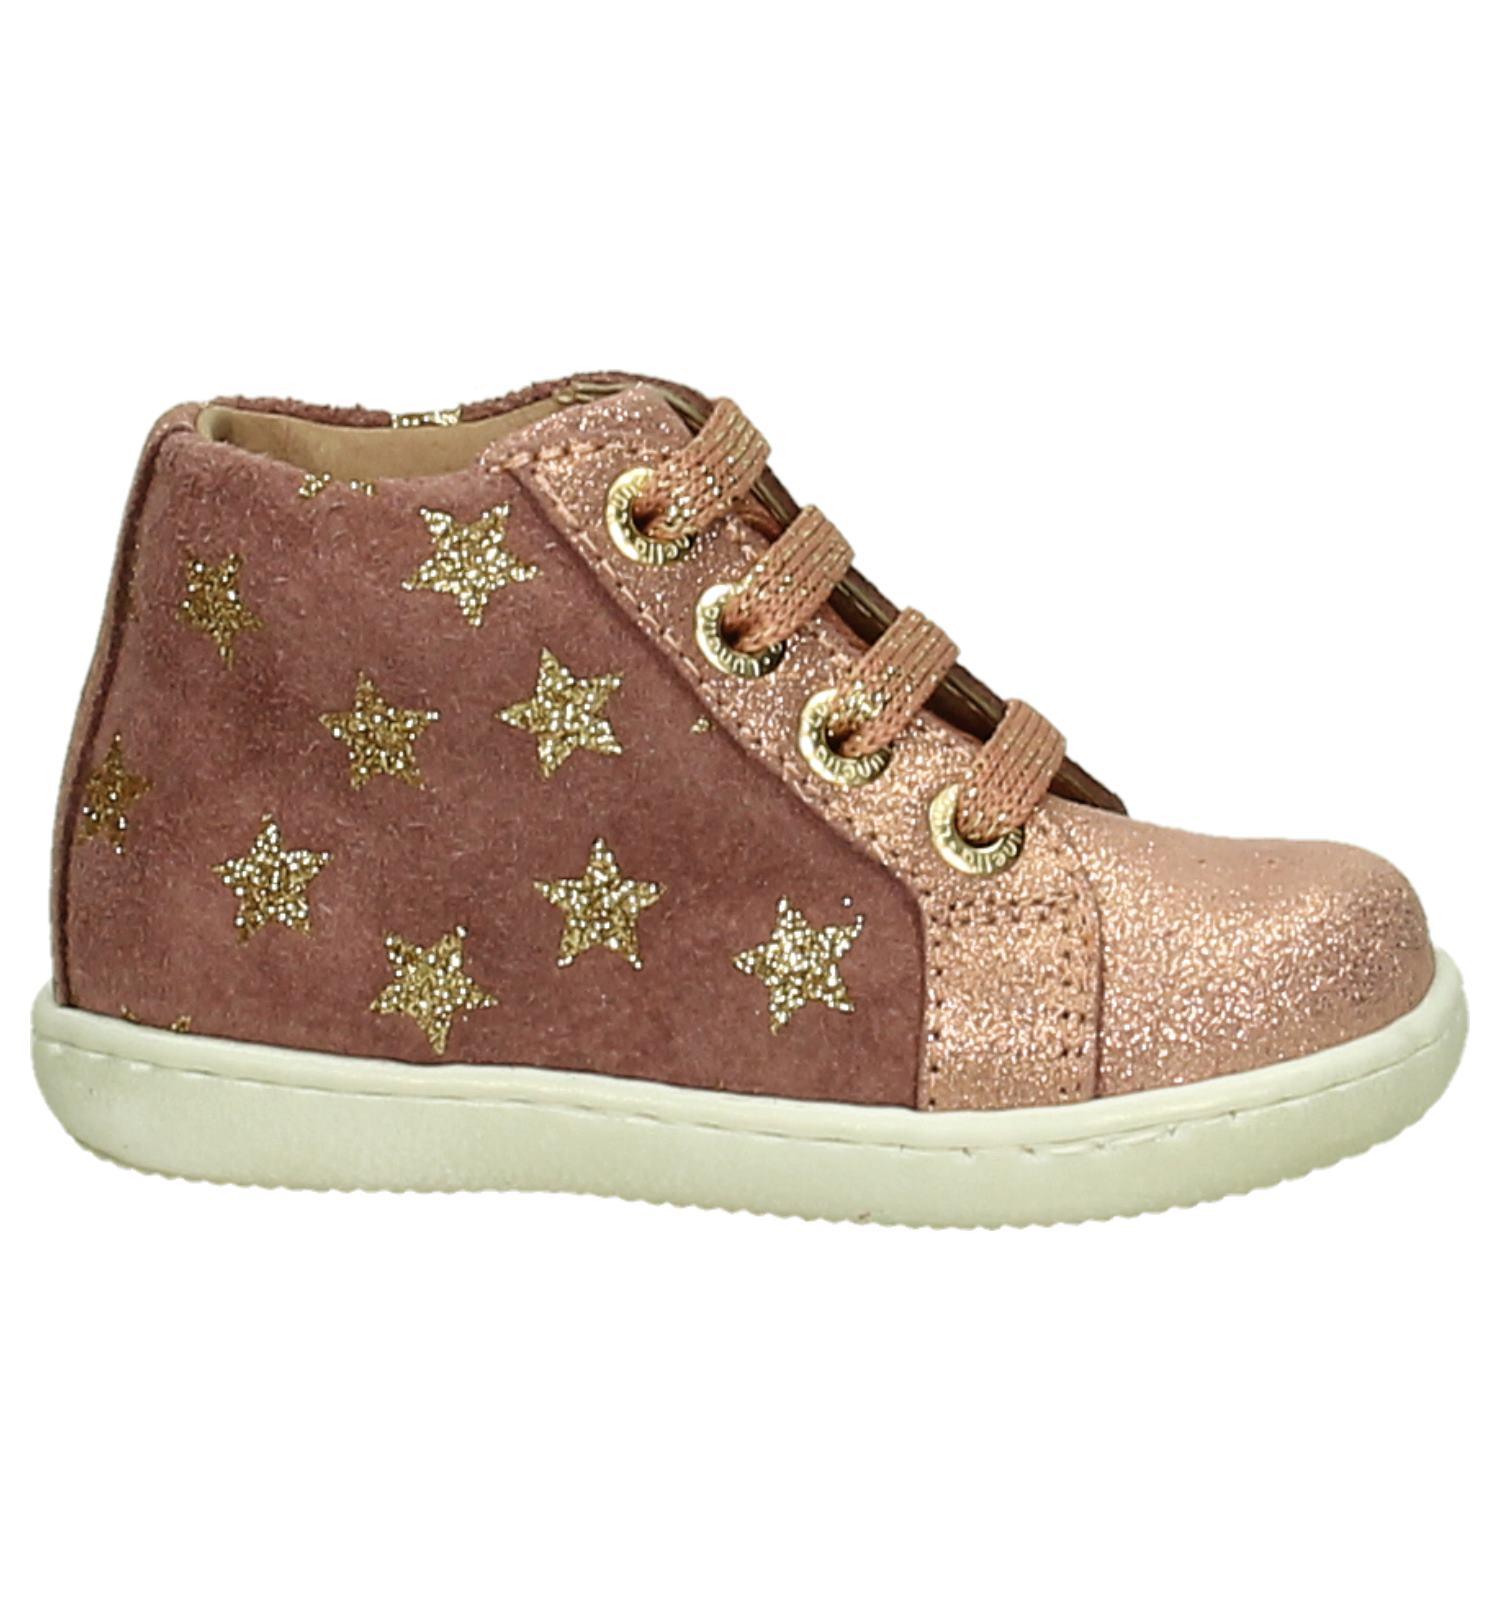 1fc324731eb30 Lunella Chaussures pour bébé (Rose)   TORFS.BE   Livraison et retour  gratuits